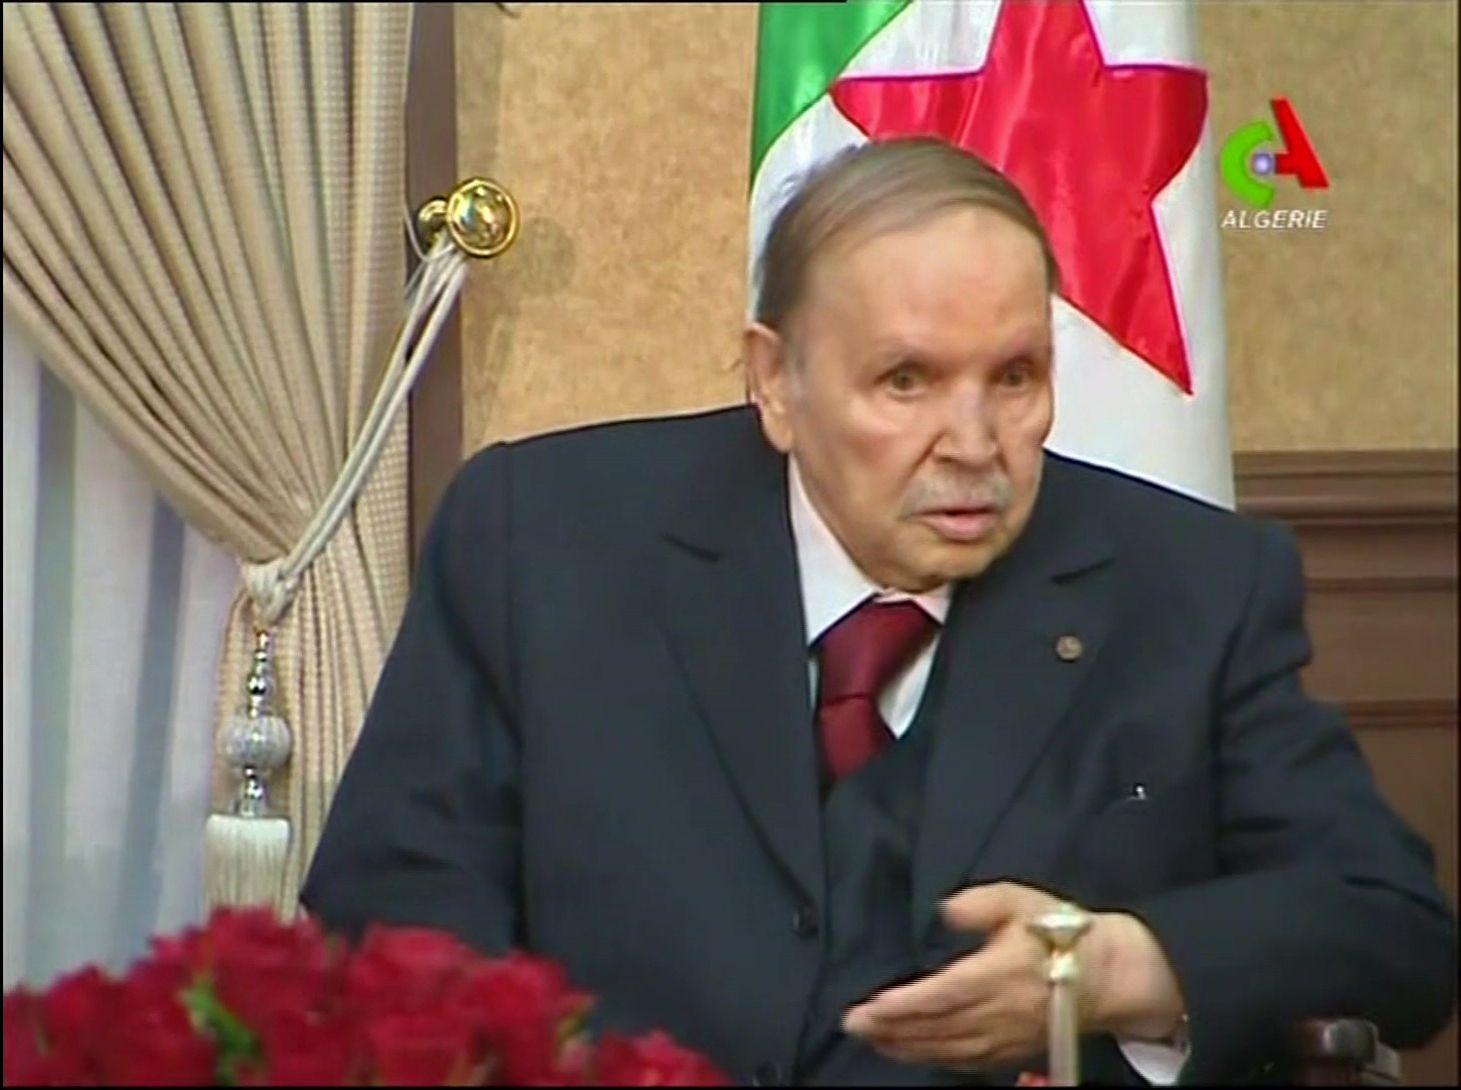 Abdelaziz Bouteflika/Algerien